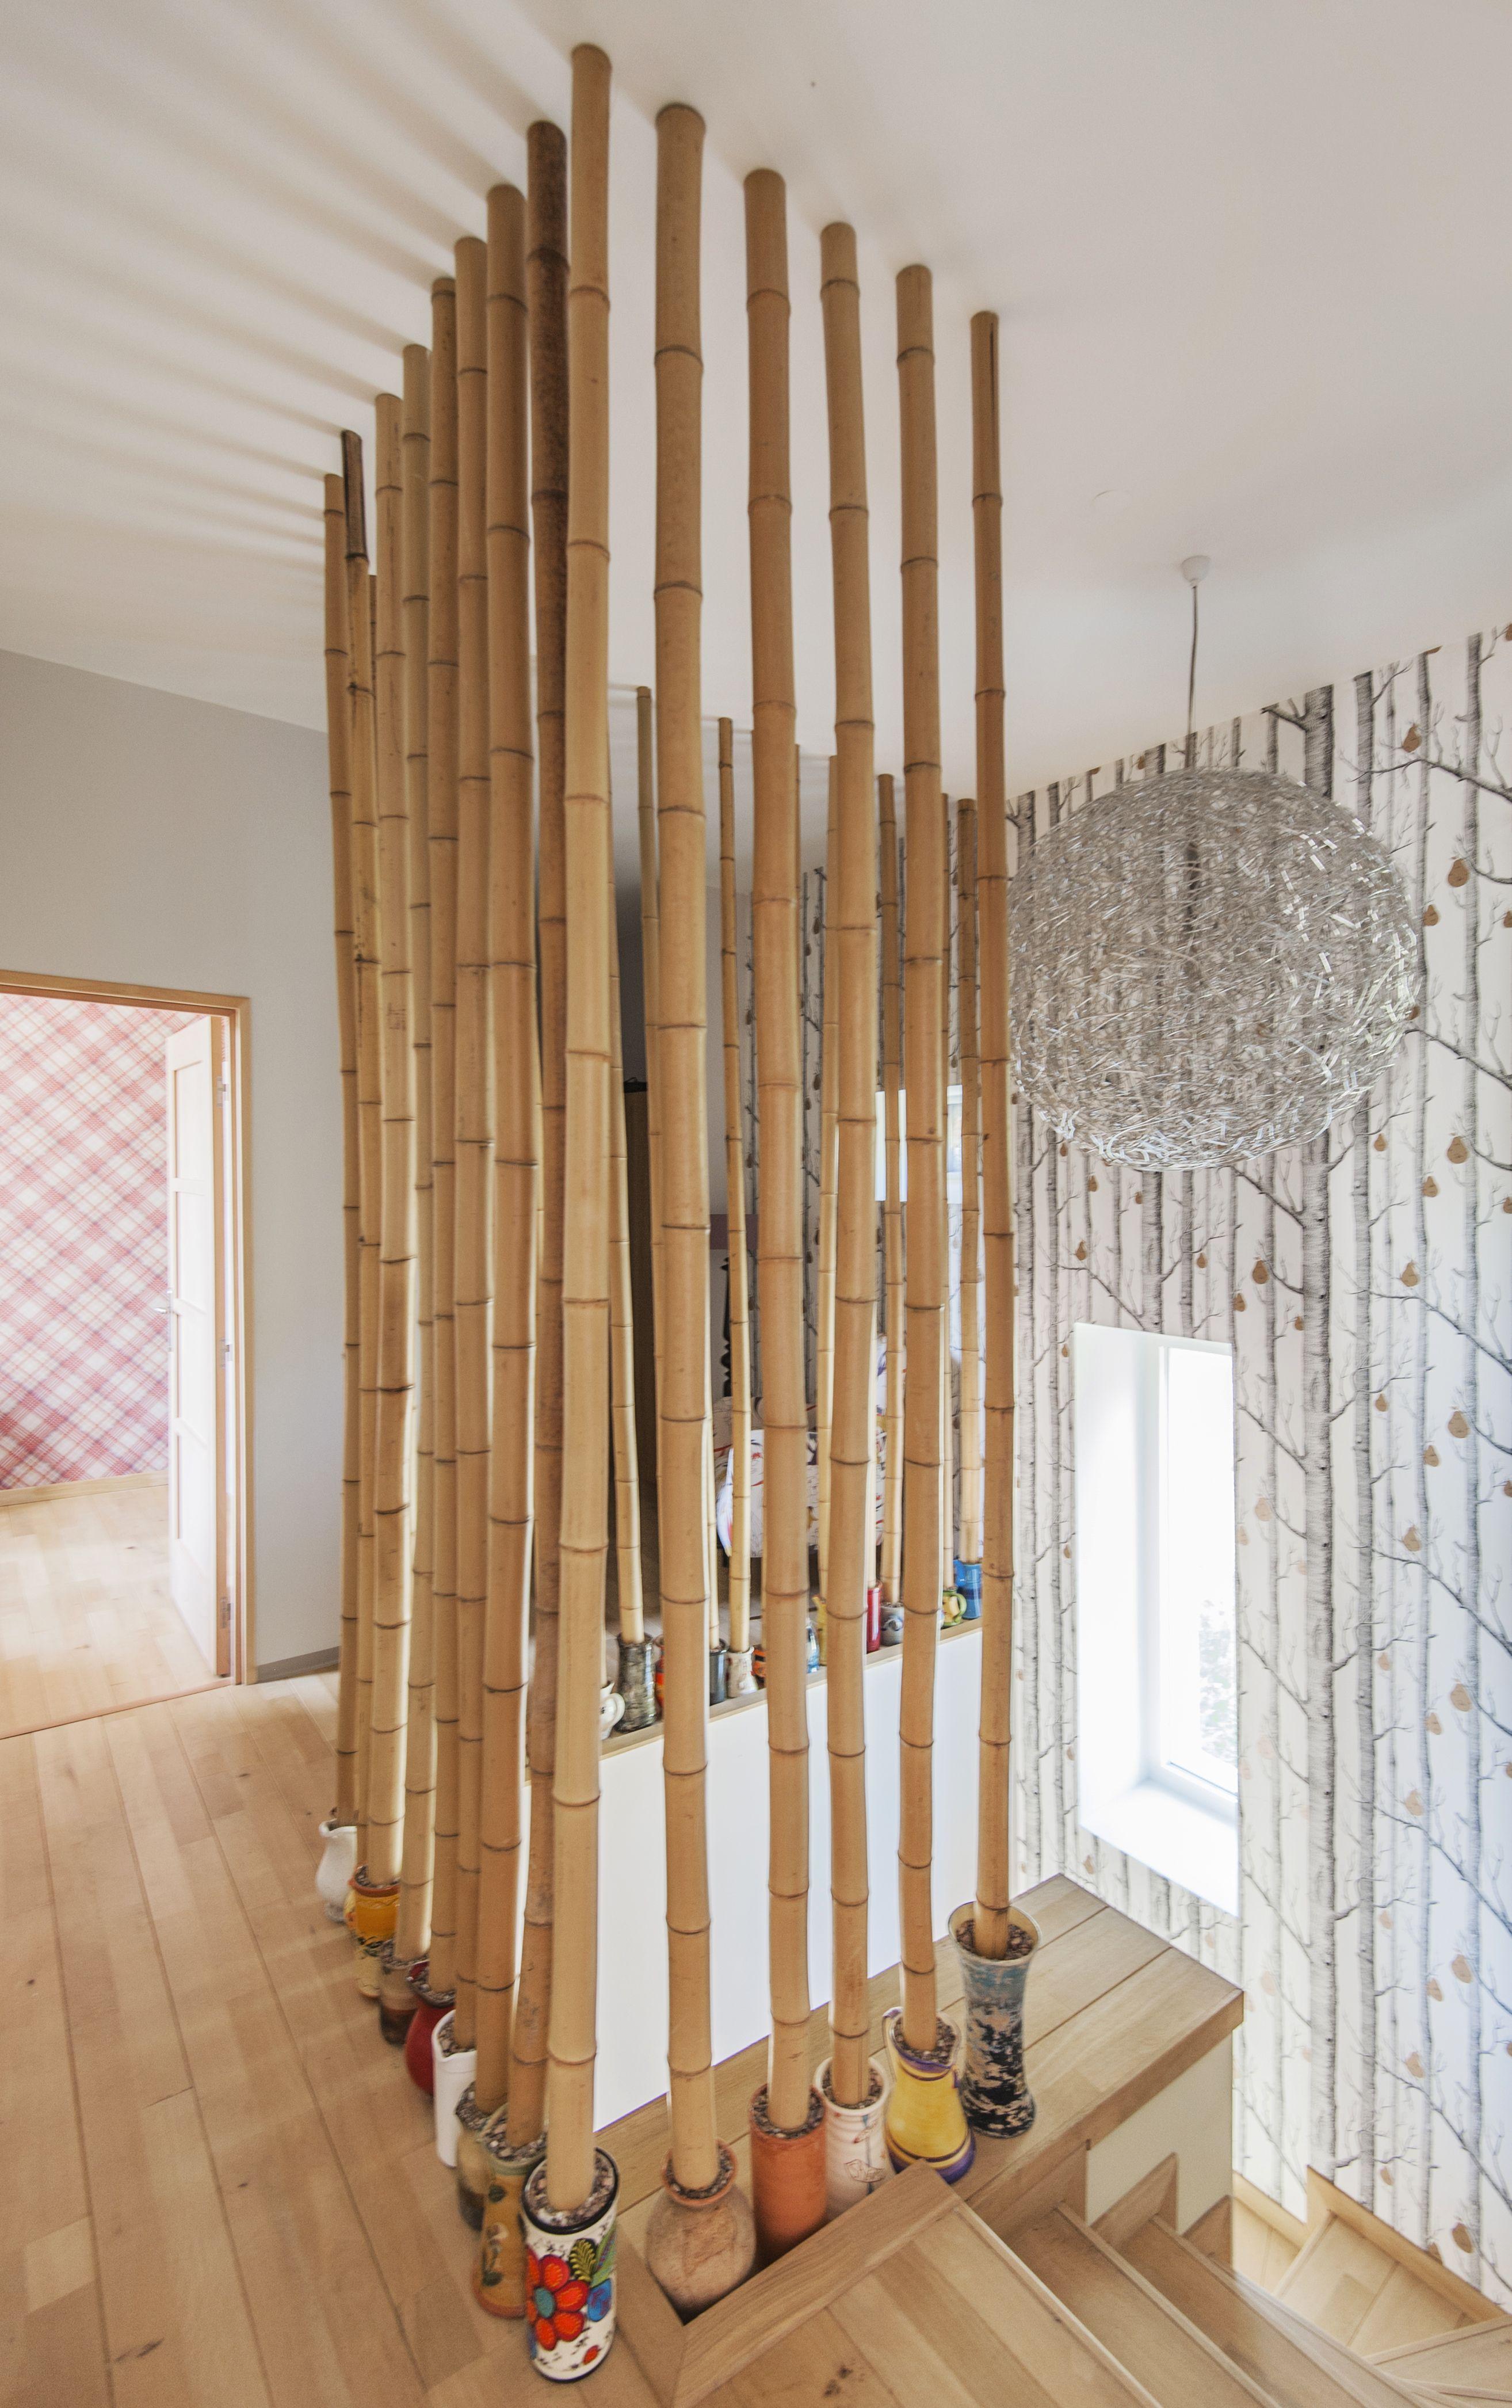 des bambous originaux en guise d 39 entr e d 39 escalier dans un domaine viticole agrandi et r nov. Black Bedroom Furniture Sets. Home Design Ideas